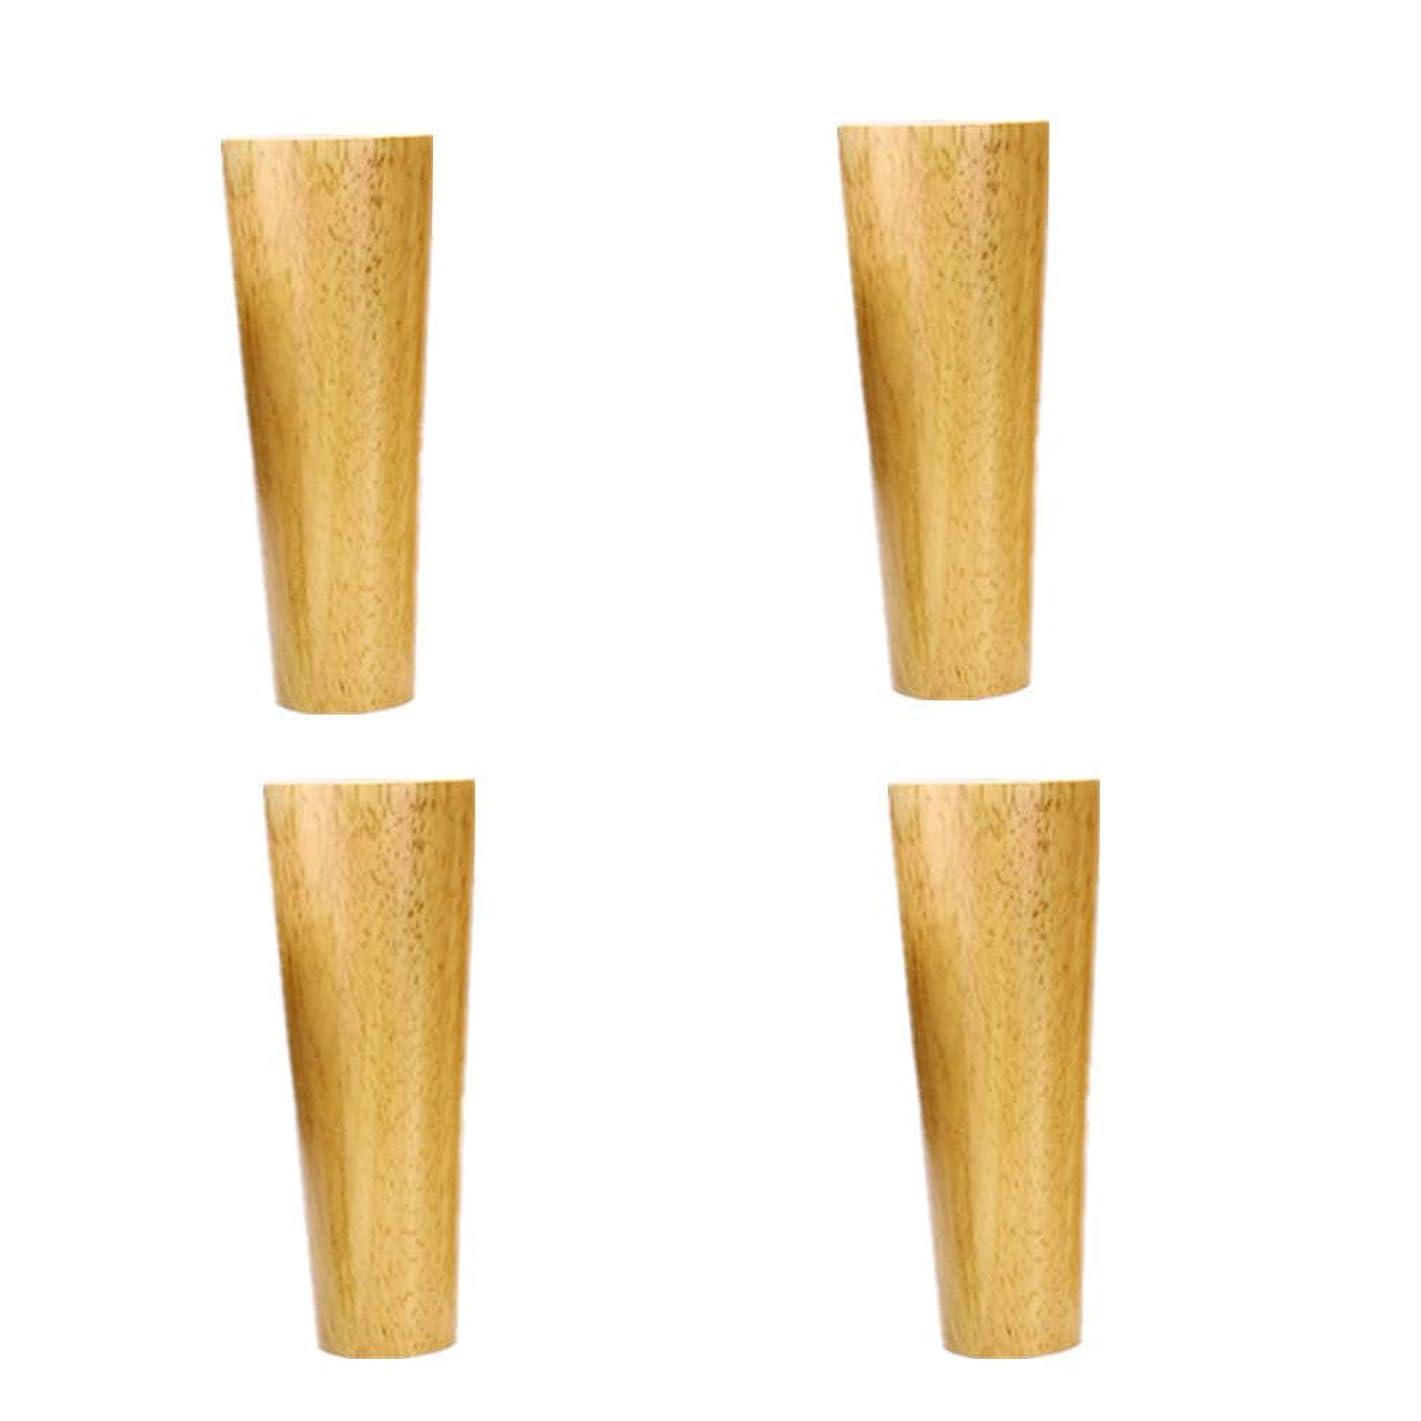 ダーリン配列地区オーク材の家具の脚、テーブル脚、円錐形のソファの足、キャビネットの足、4個、モダンなフットスツール、ナイトスタンド用、コーヒーテーブル、ドレステーブル、靴ラック、8cm-90cm